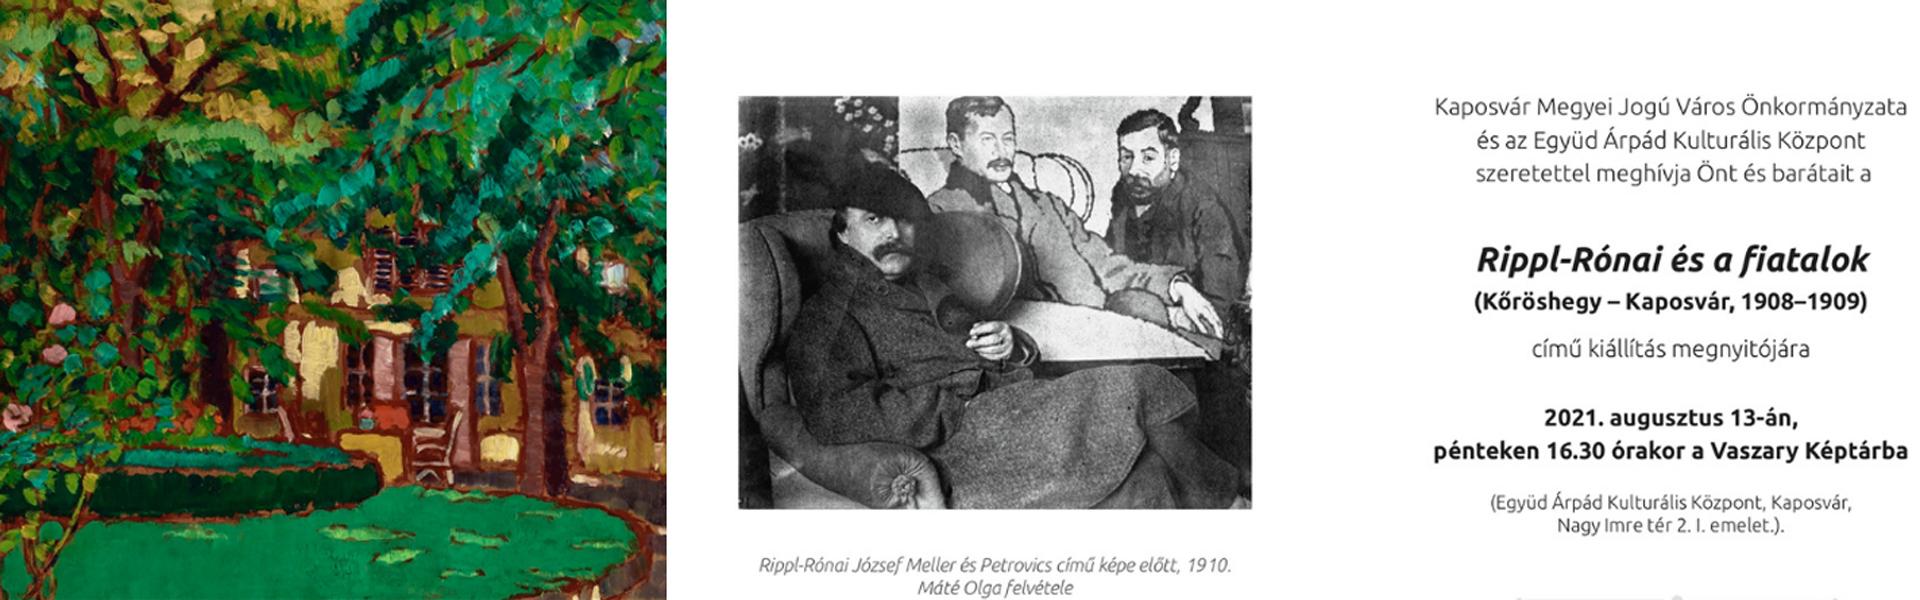 Rippl-Rónai és a fiatalok kiállítás